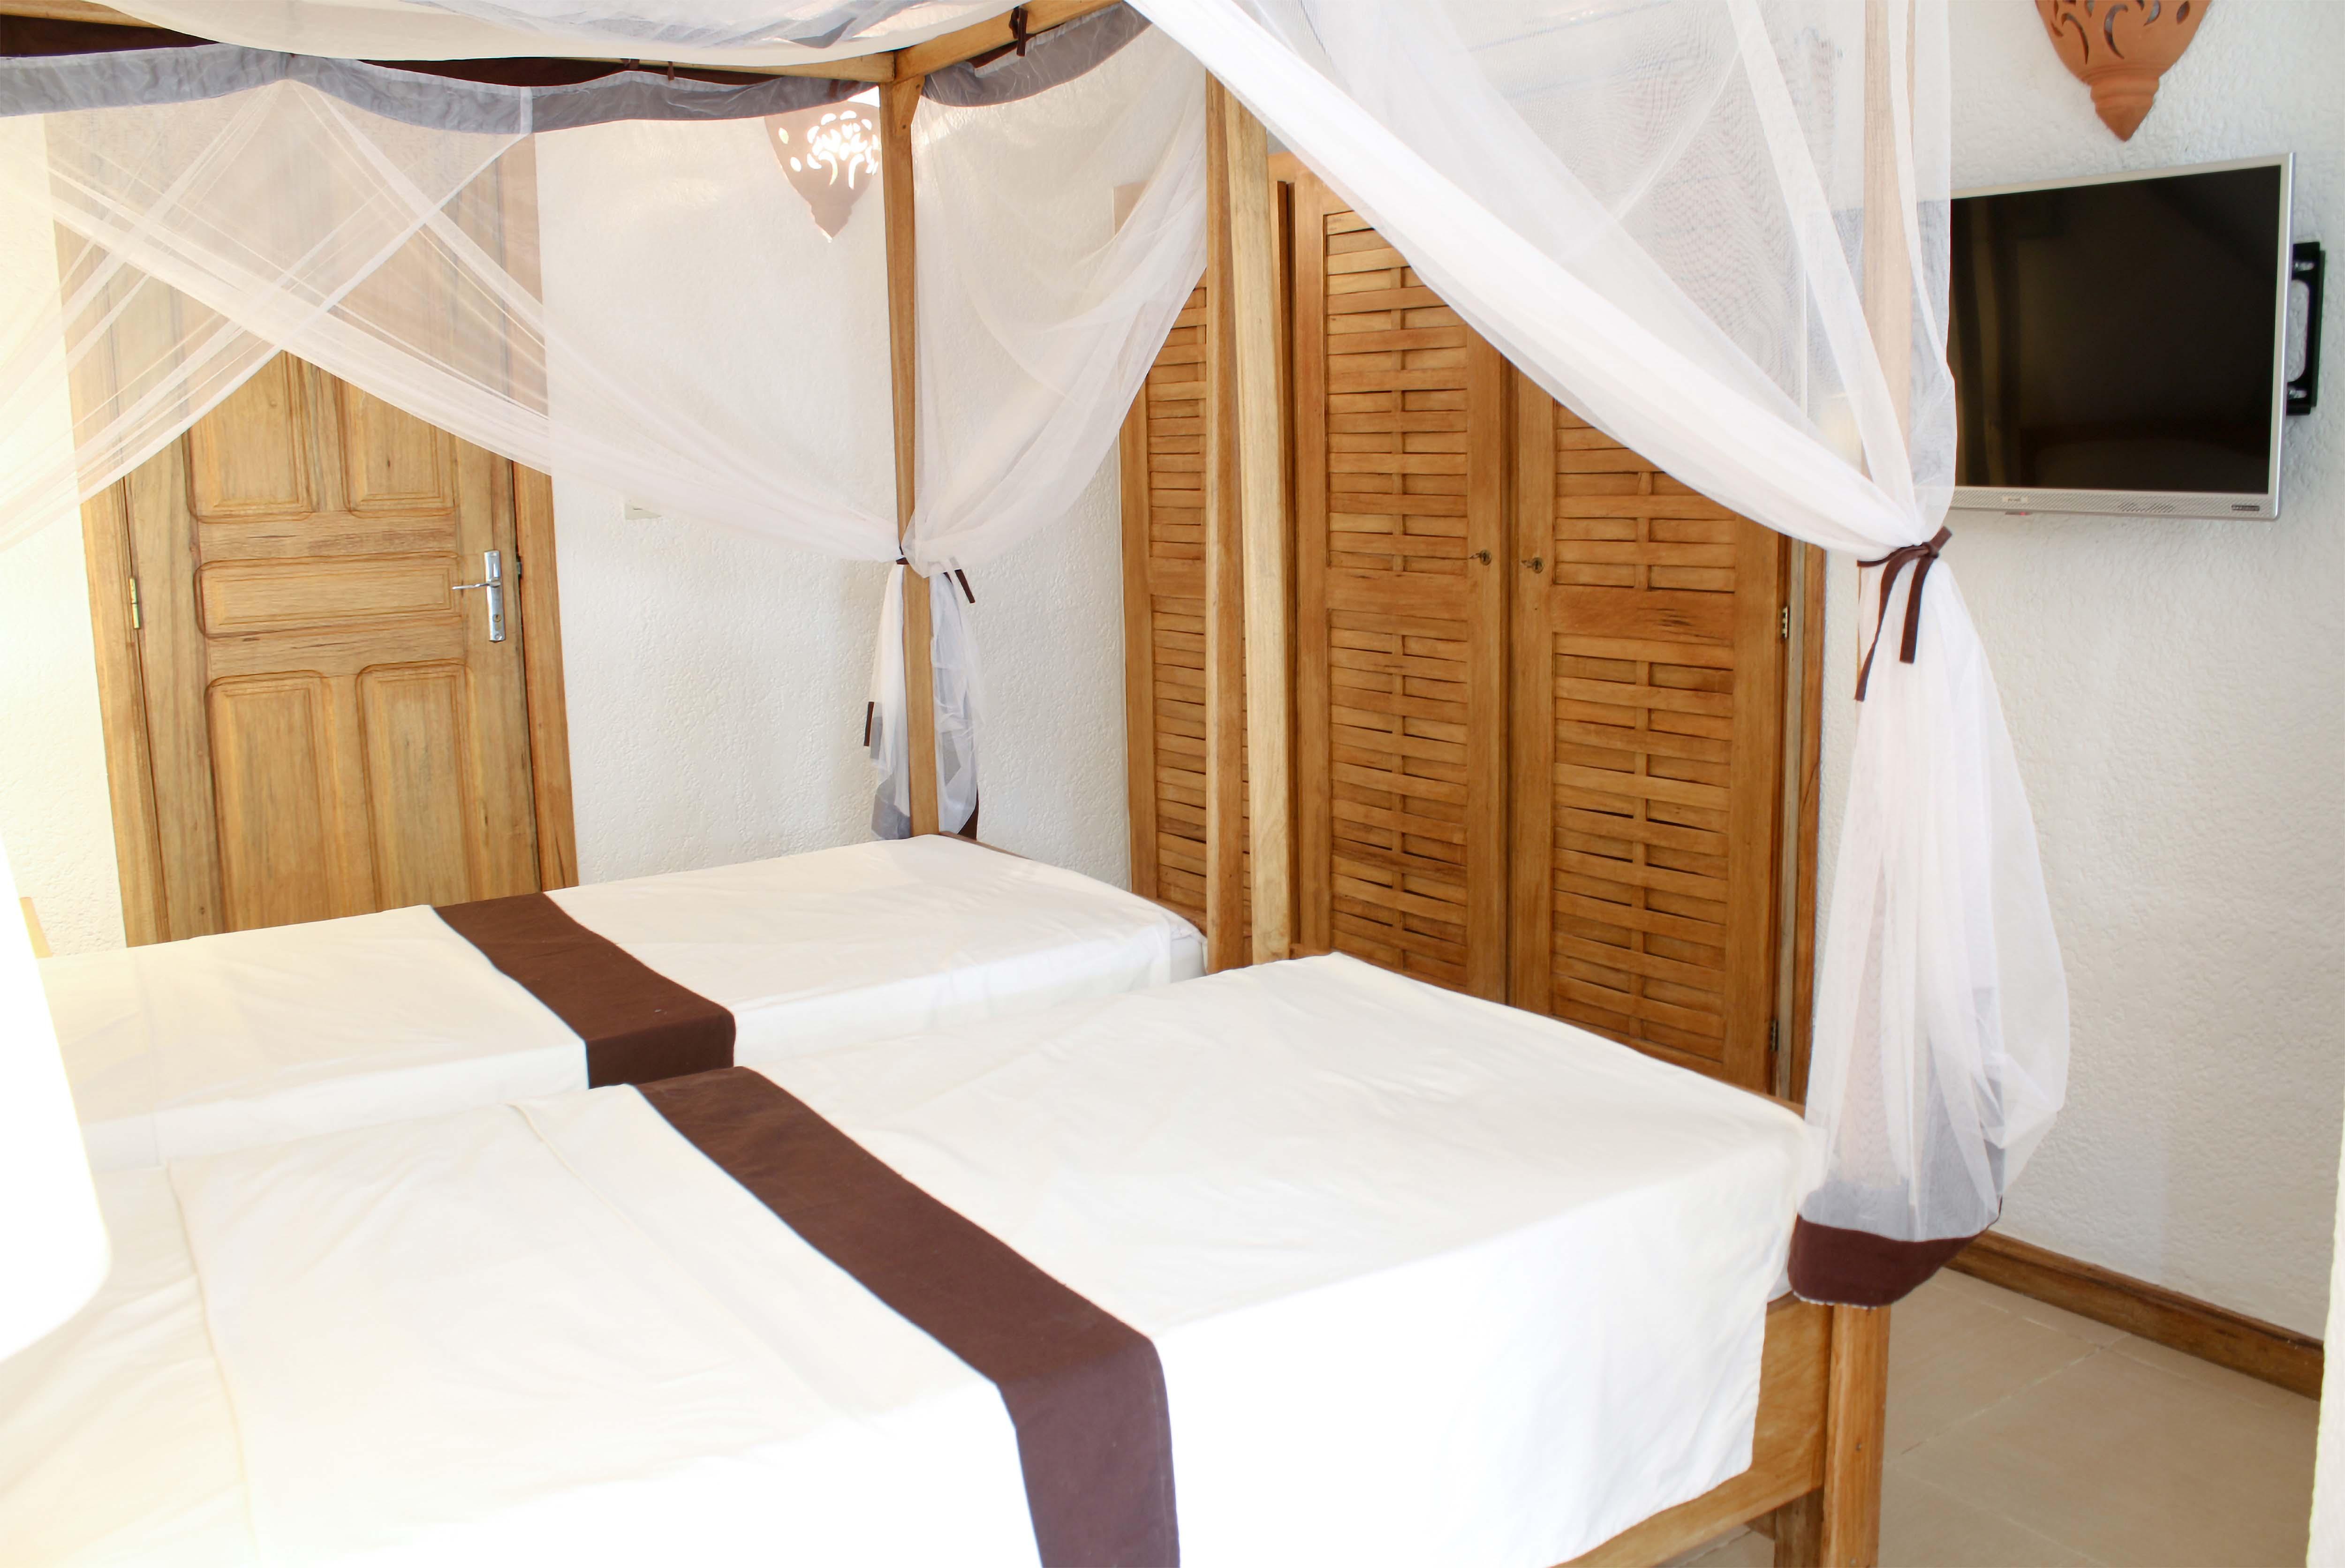 chambre bien équipée avec 2 lits jumelées